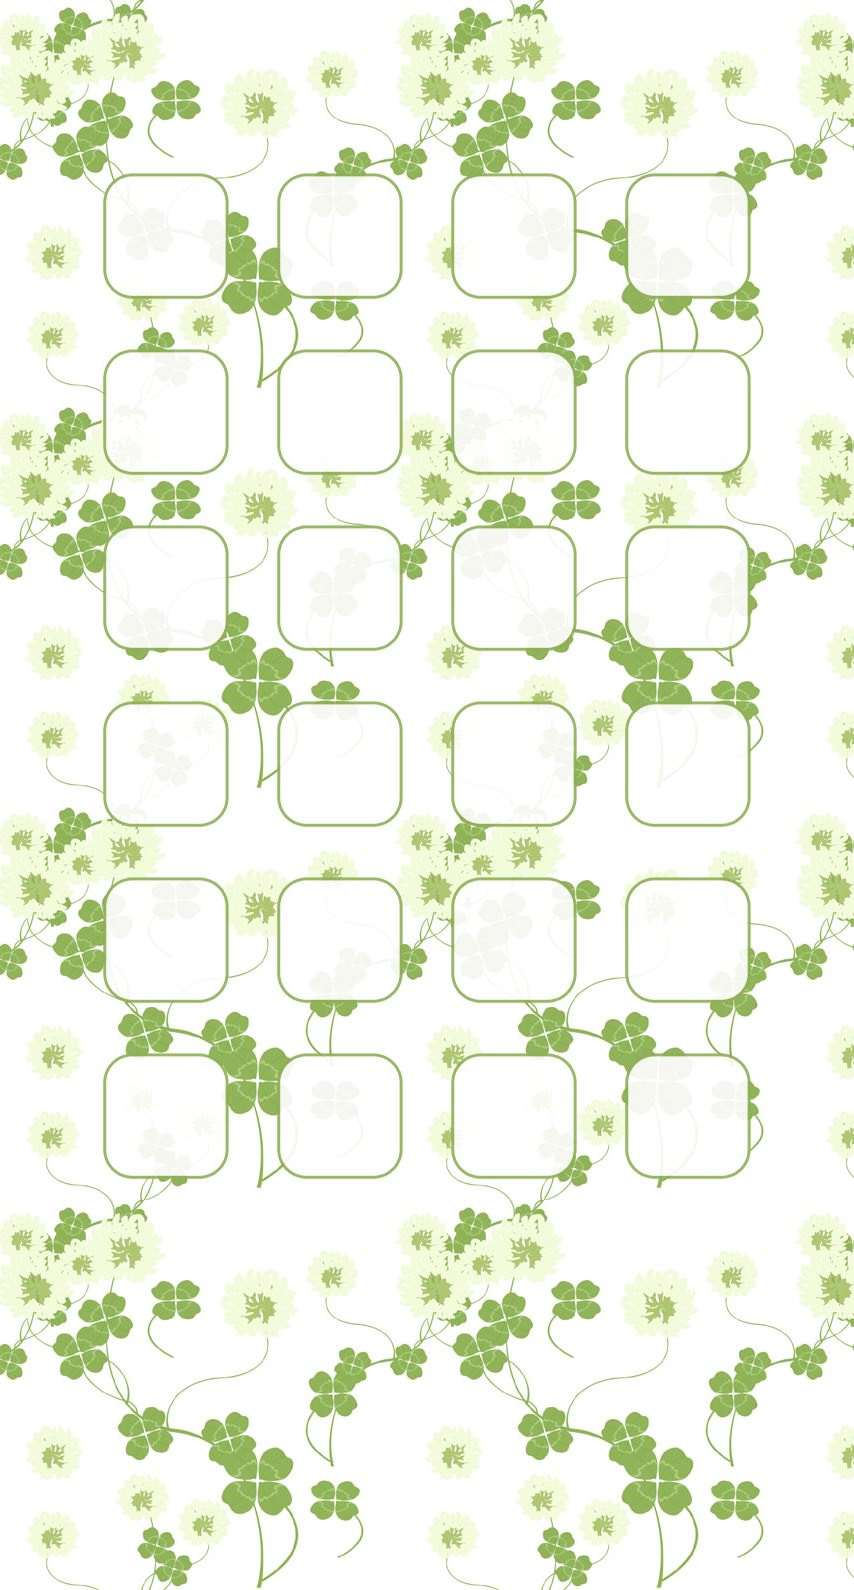 模様イラストクローバー緑白棚 Wallpapersc Iphone6s壁紙